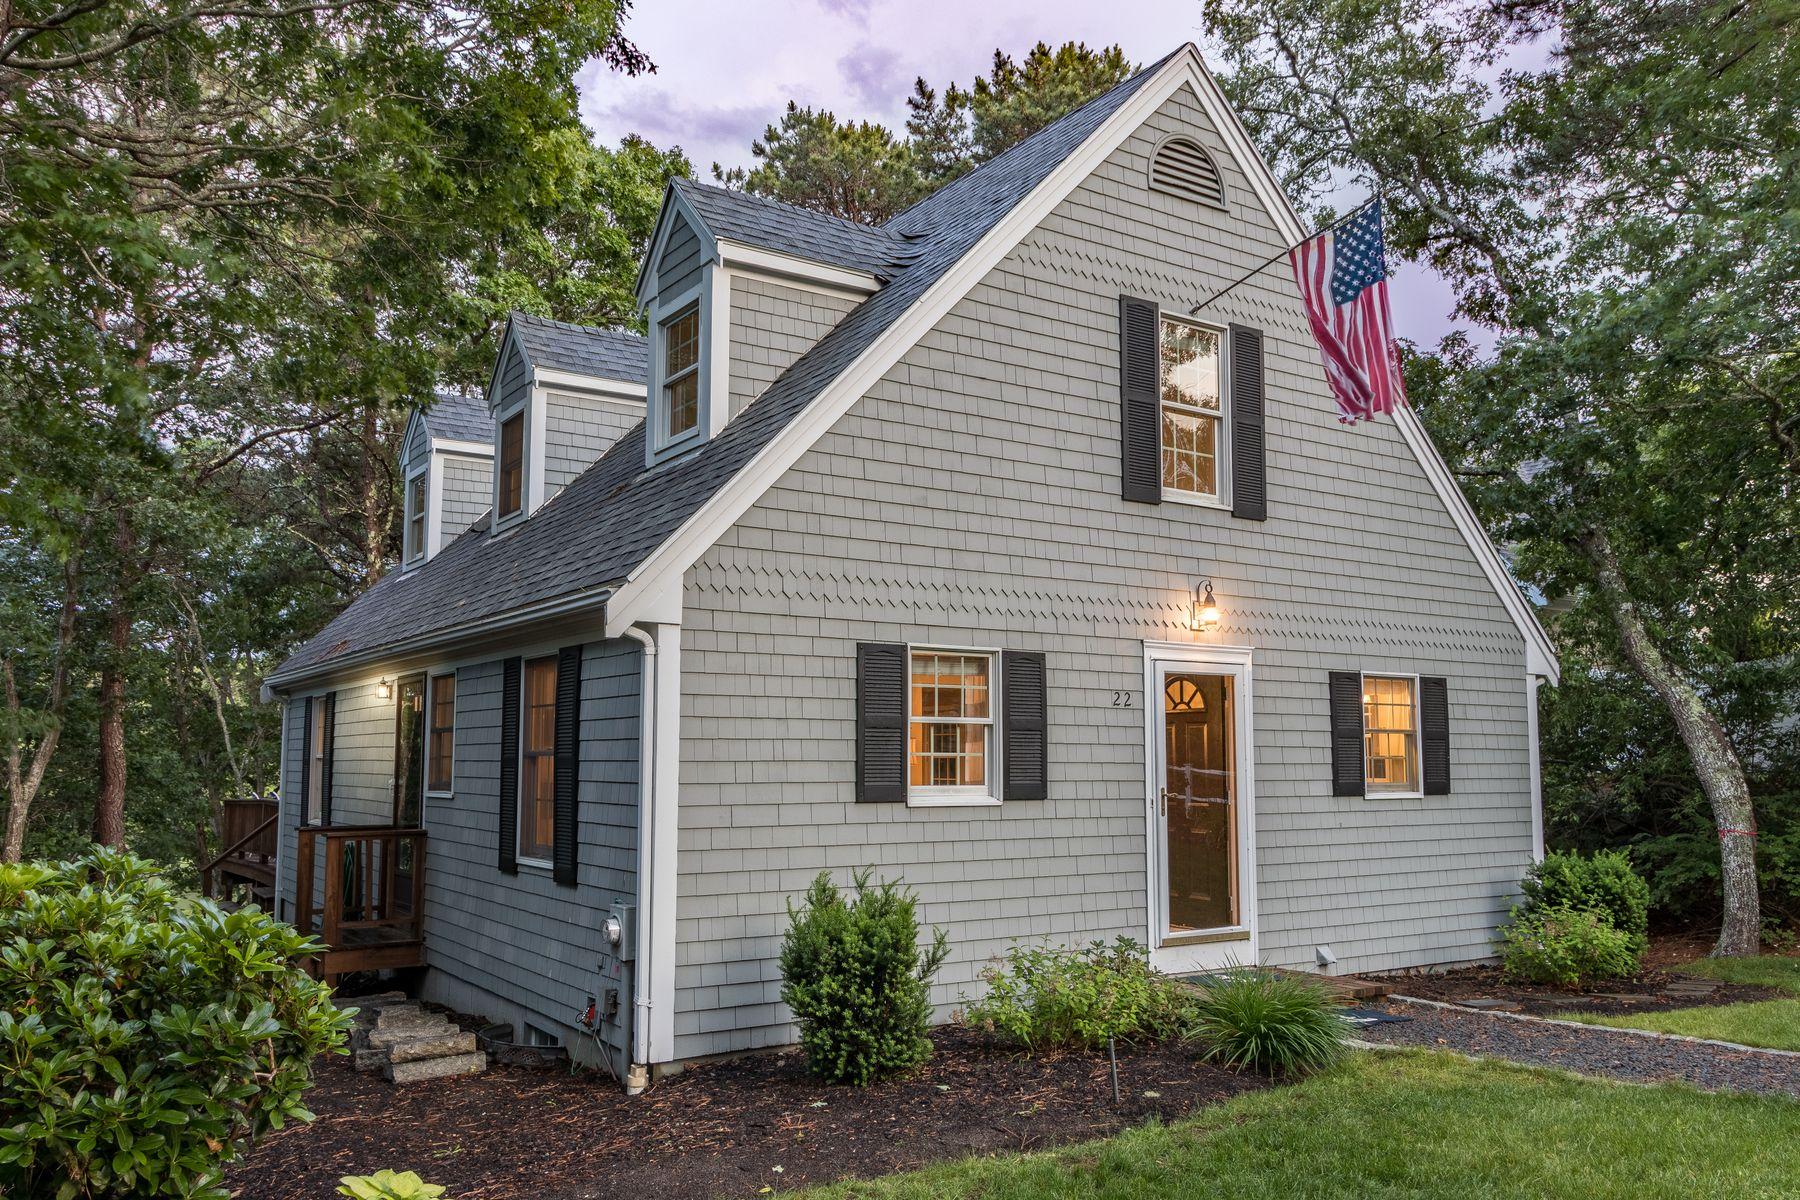 Single Family Homes for Active at 22 Quaker Run Road Mashpee, Massachusetts 02649 United States